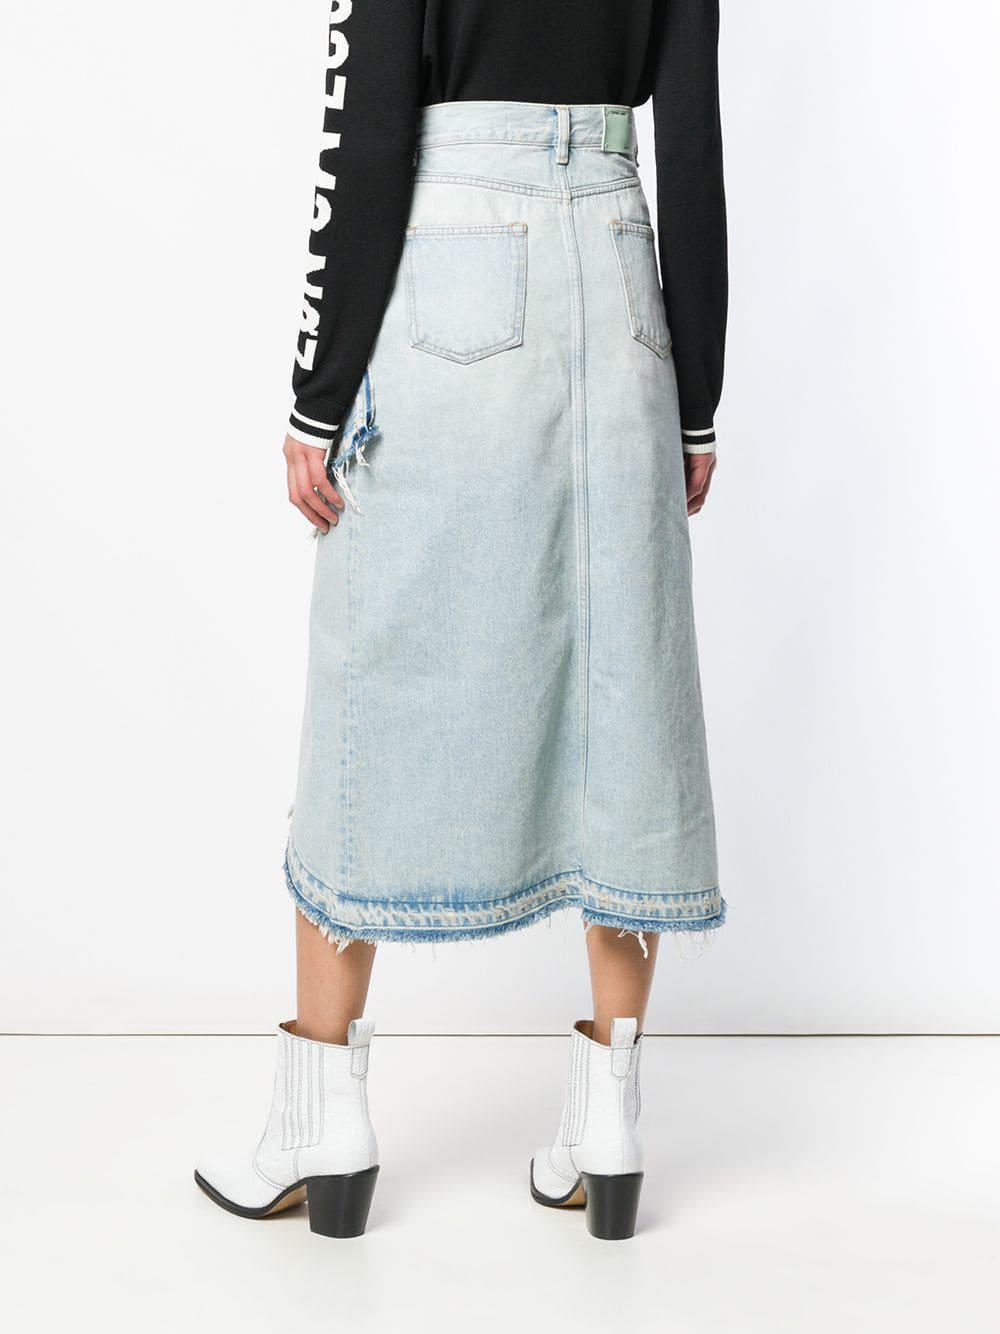 e70d85aad0 Off-White c/o Virgil Abloh - Blue Asymmetric Denim Skirt - Lyst. View  fullscreen